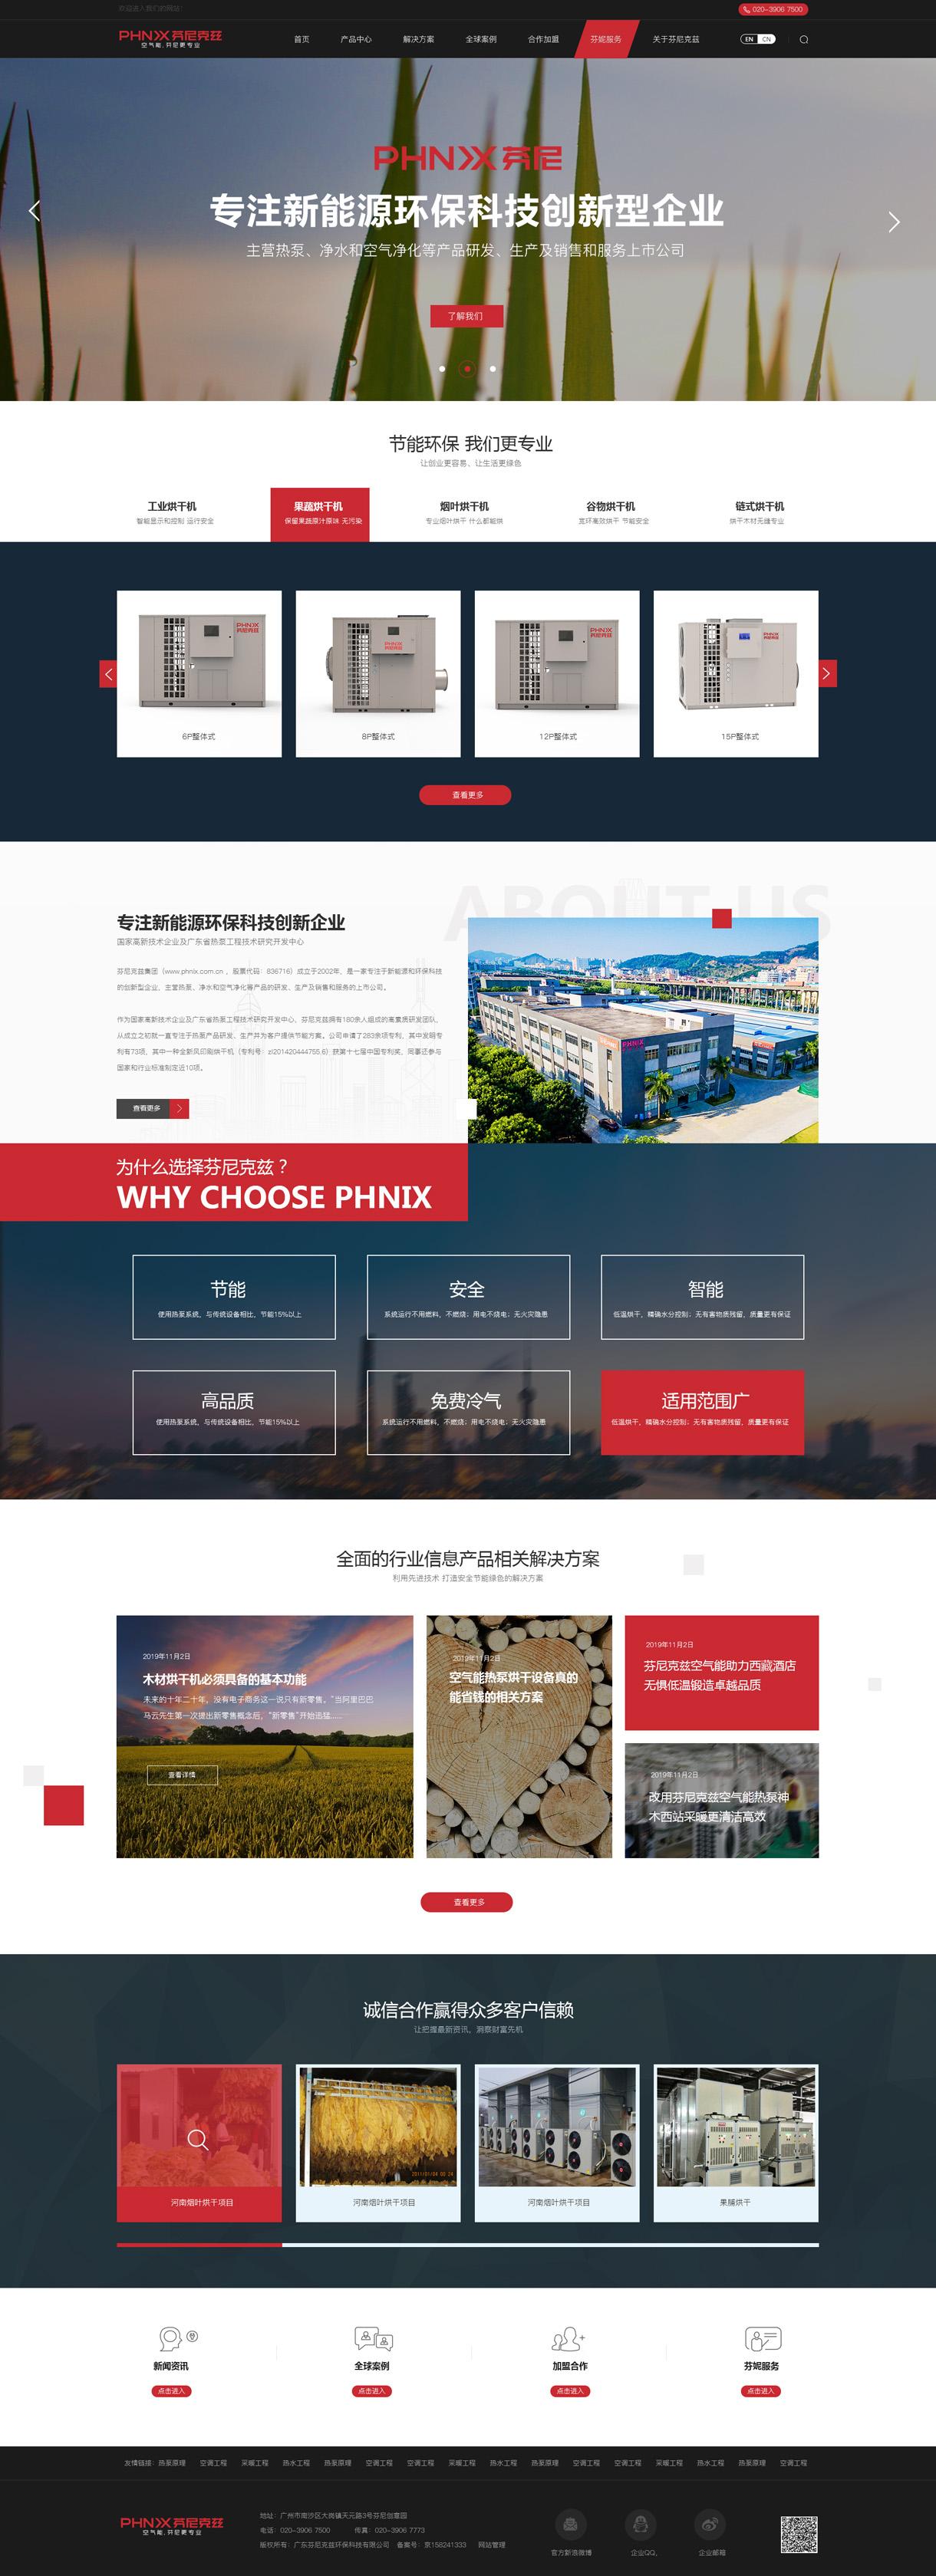 广州网站建设,广州网站优化